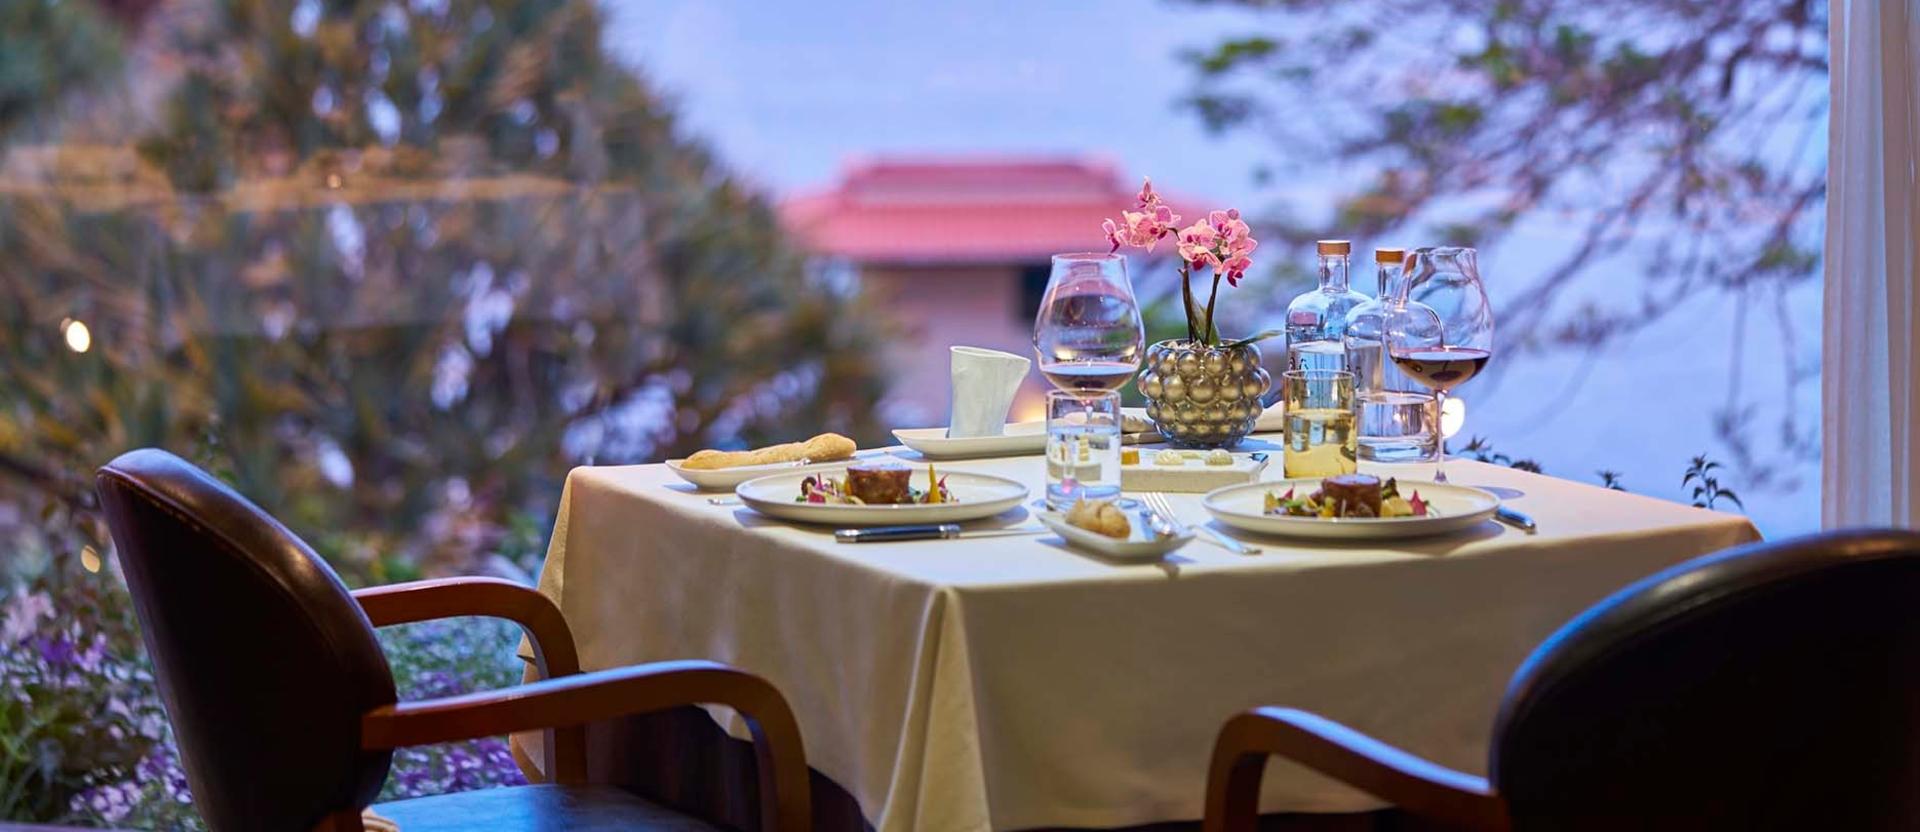 Michelin star restaurants: Il Gallo d'Oro michelin star restaurants Michelin star restaurants: The complete guide for 2019 ilgallodoro vista